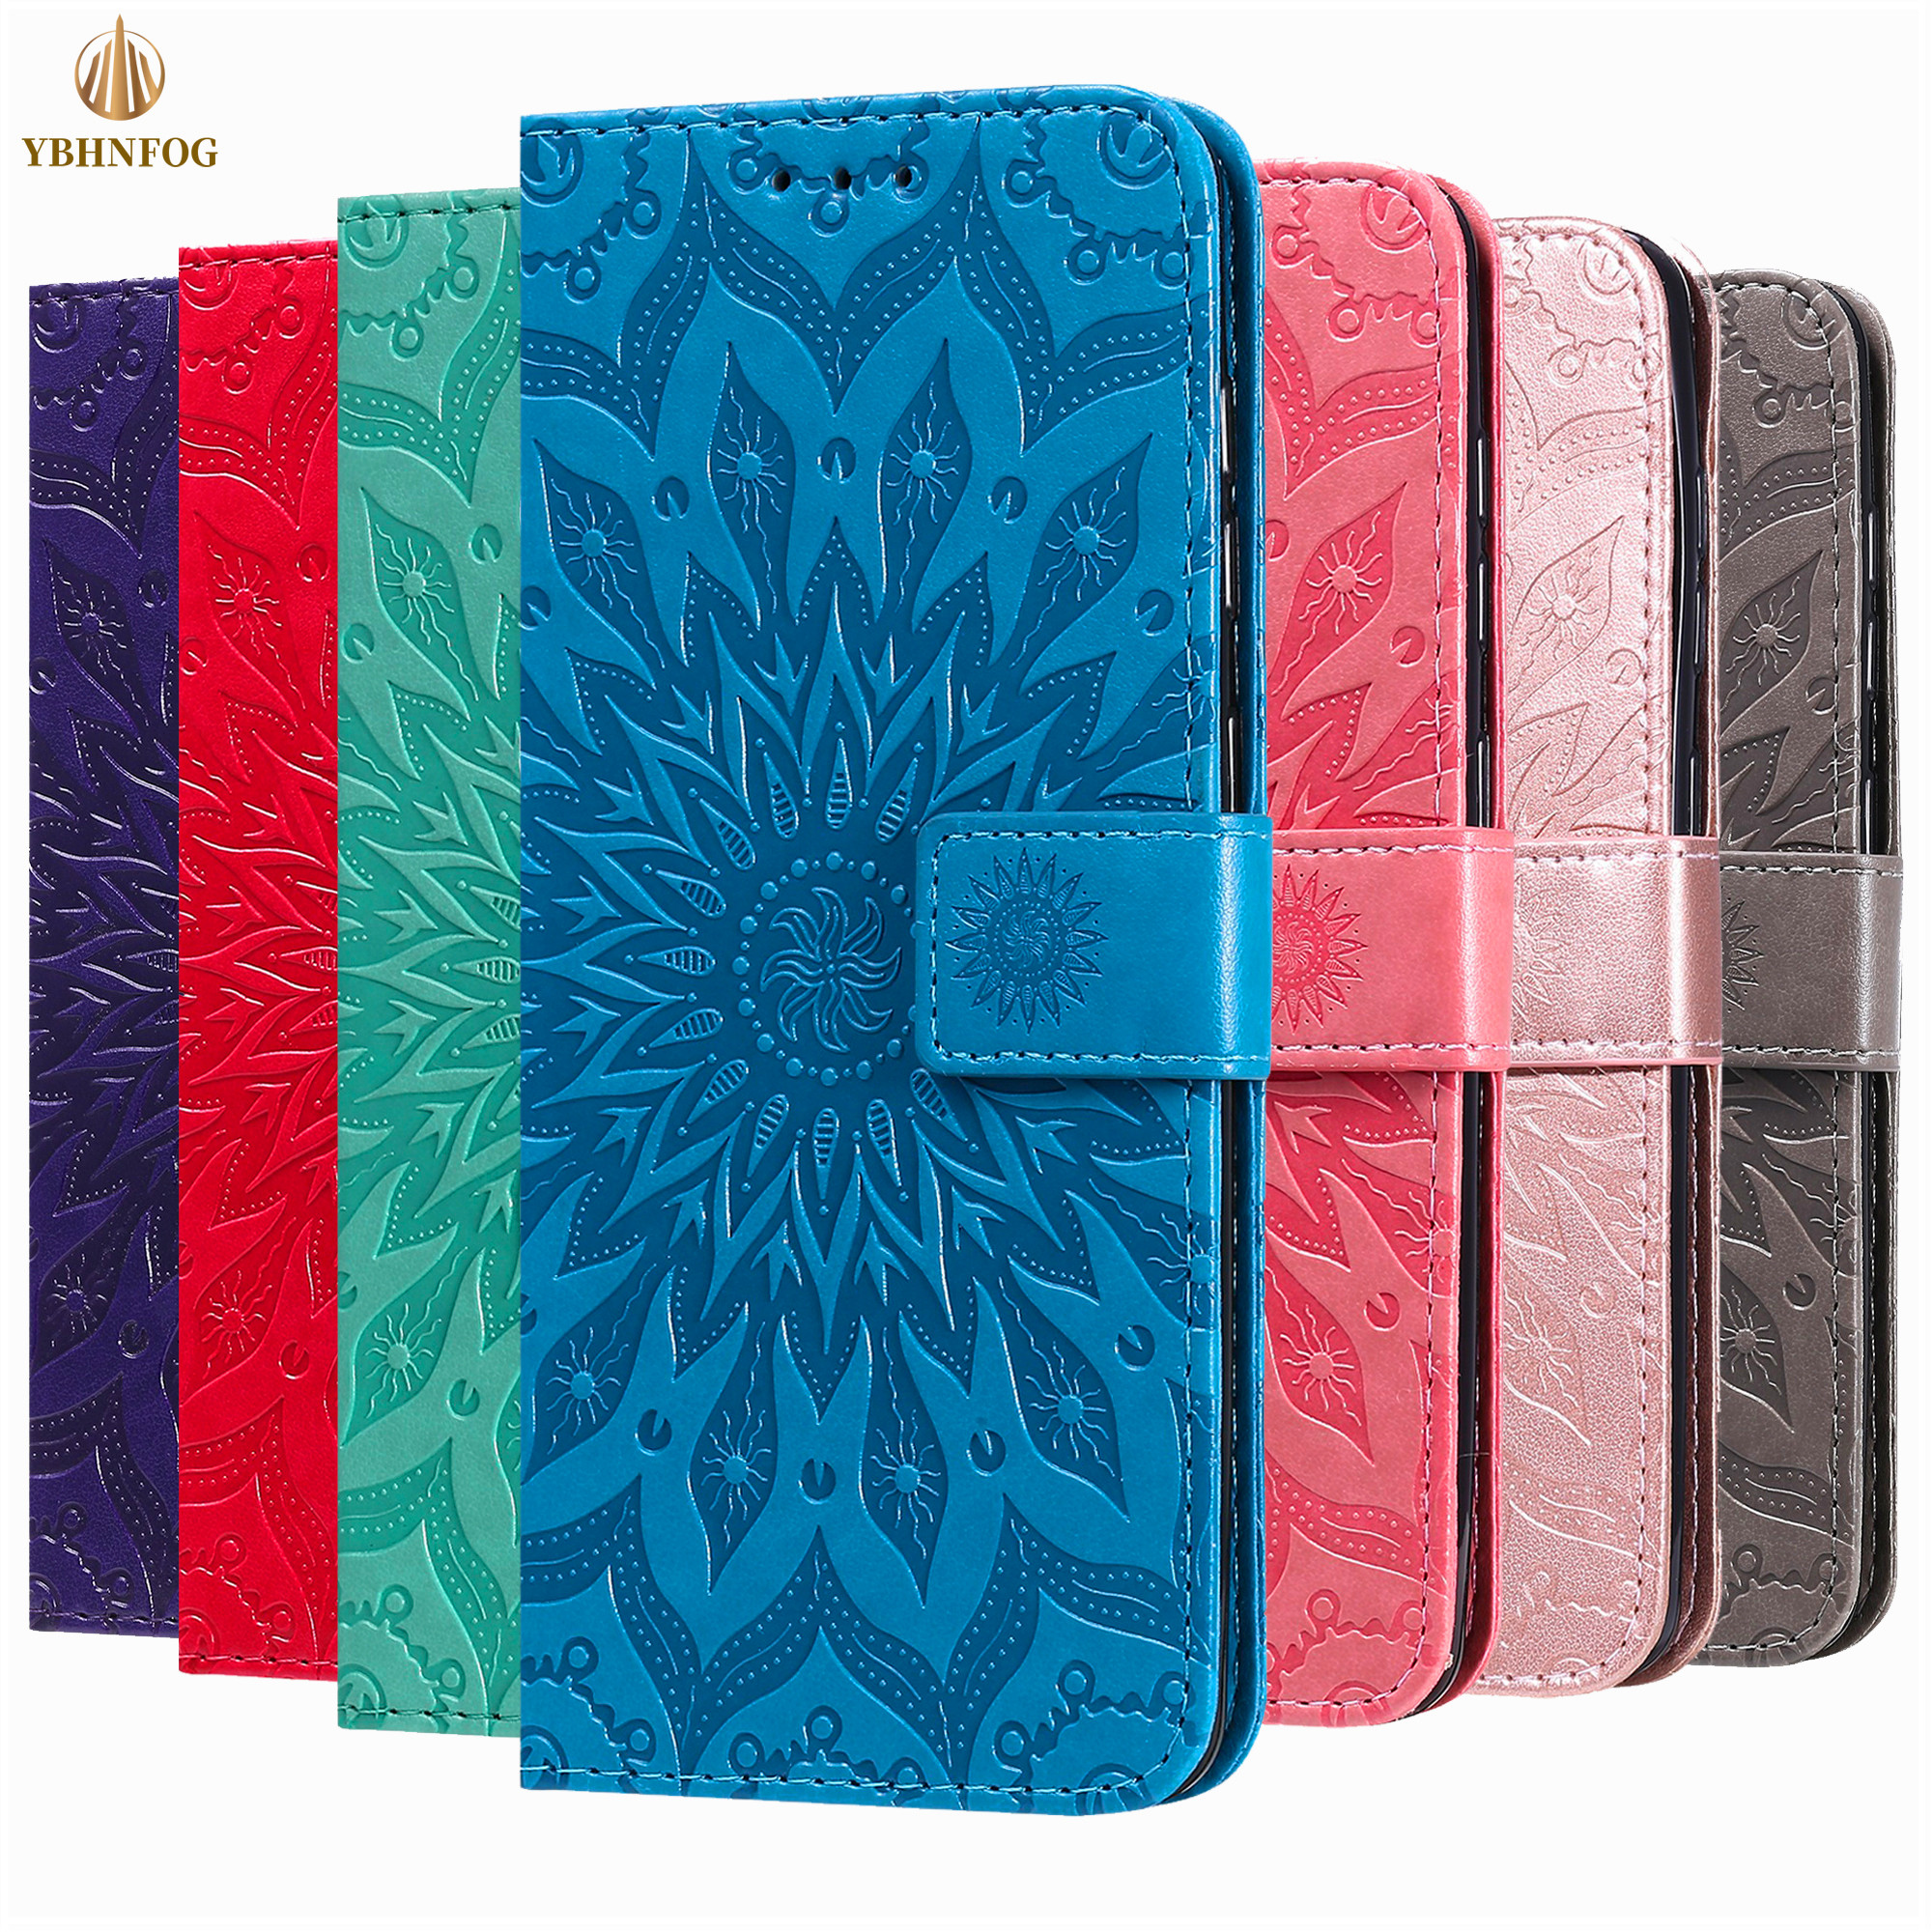 3D tłoczona skóra portfel etui do LG G3 G4 G5 G6 G7 G8S ThinQ G9 Q6 Q8 C40 C70 Nexus 5X XPower 2 3 W30 odwróć uchwyt obudowa z podstawką